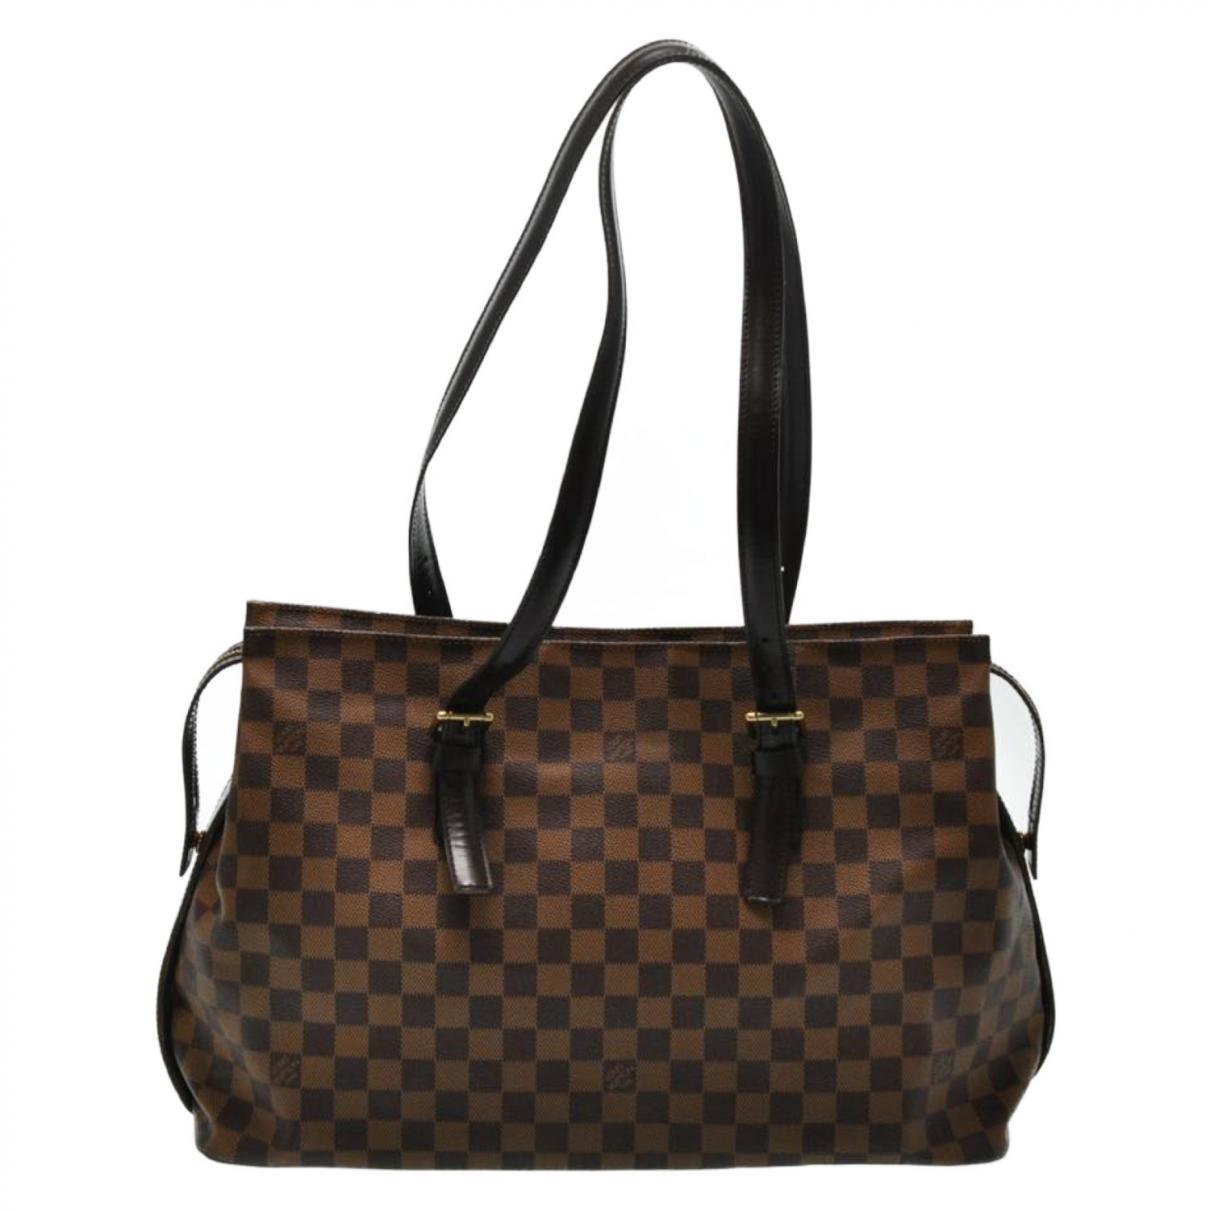 Louis Vuitton - Sac a main Chelsea pour femme en toile - marron